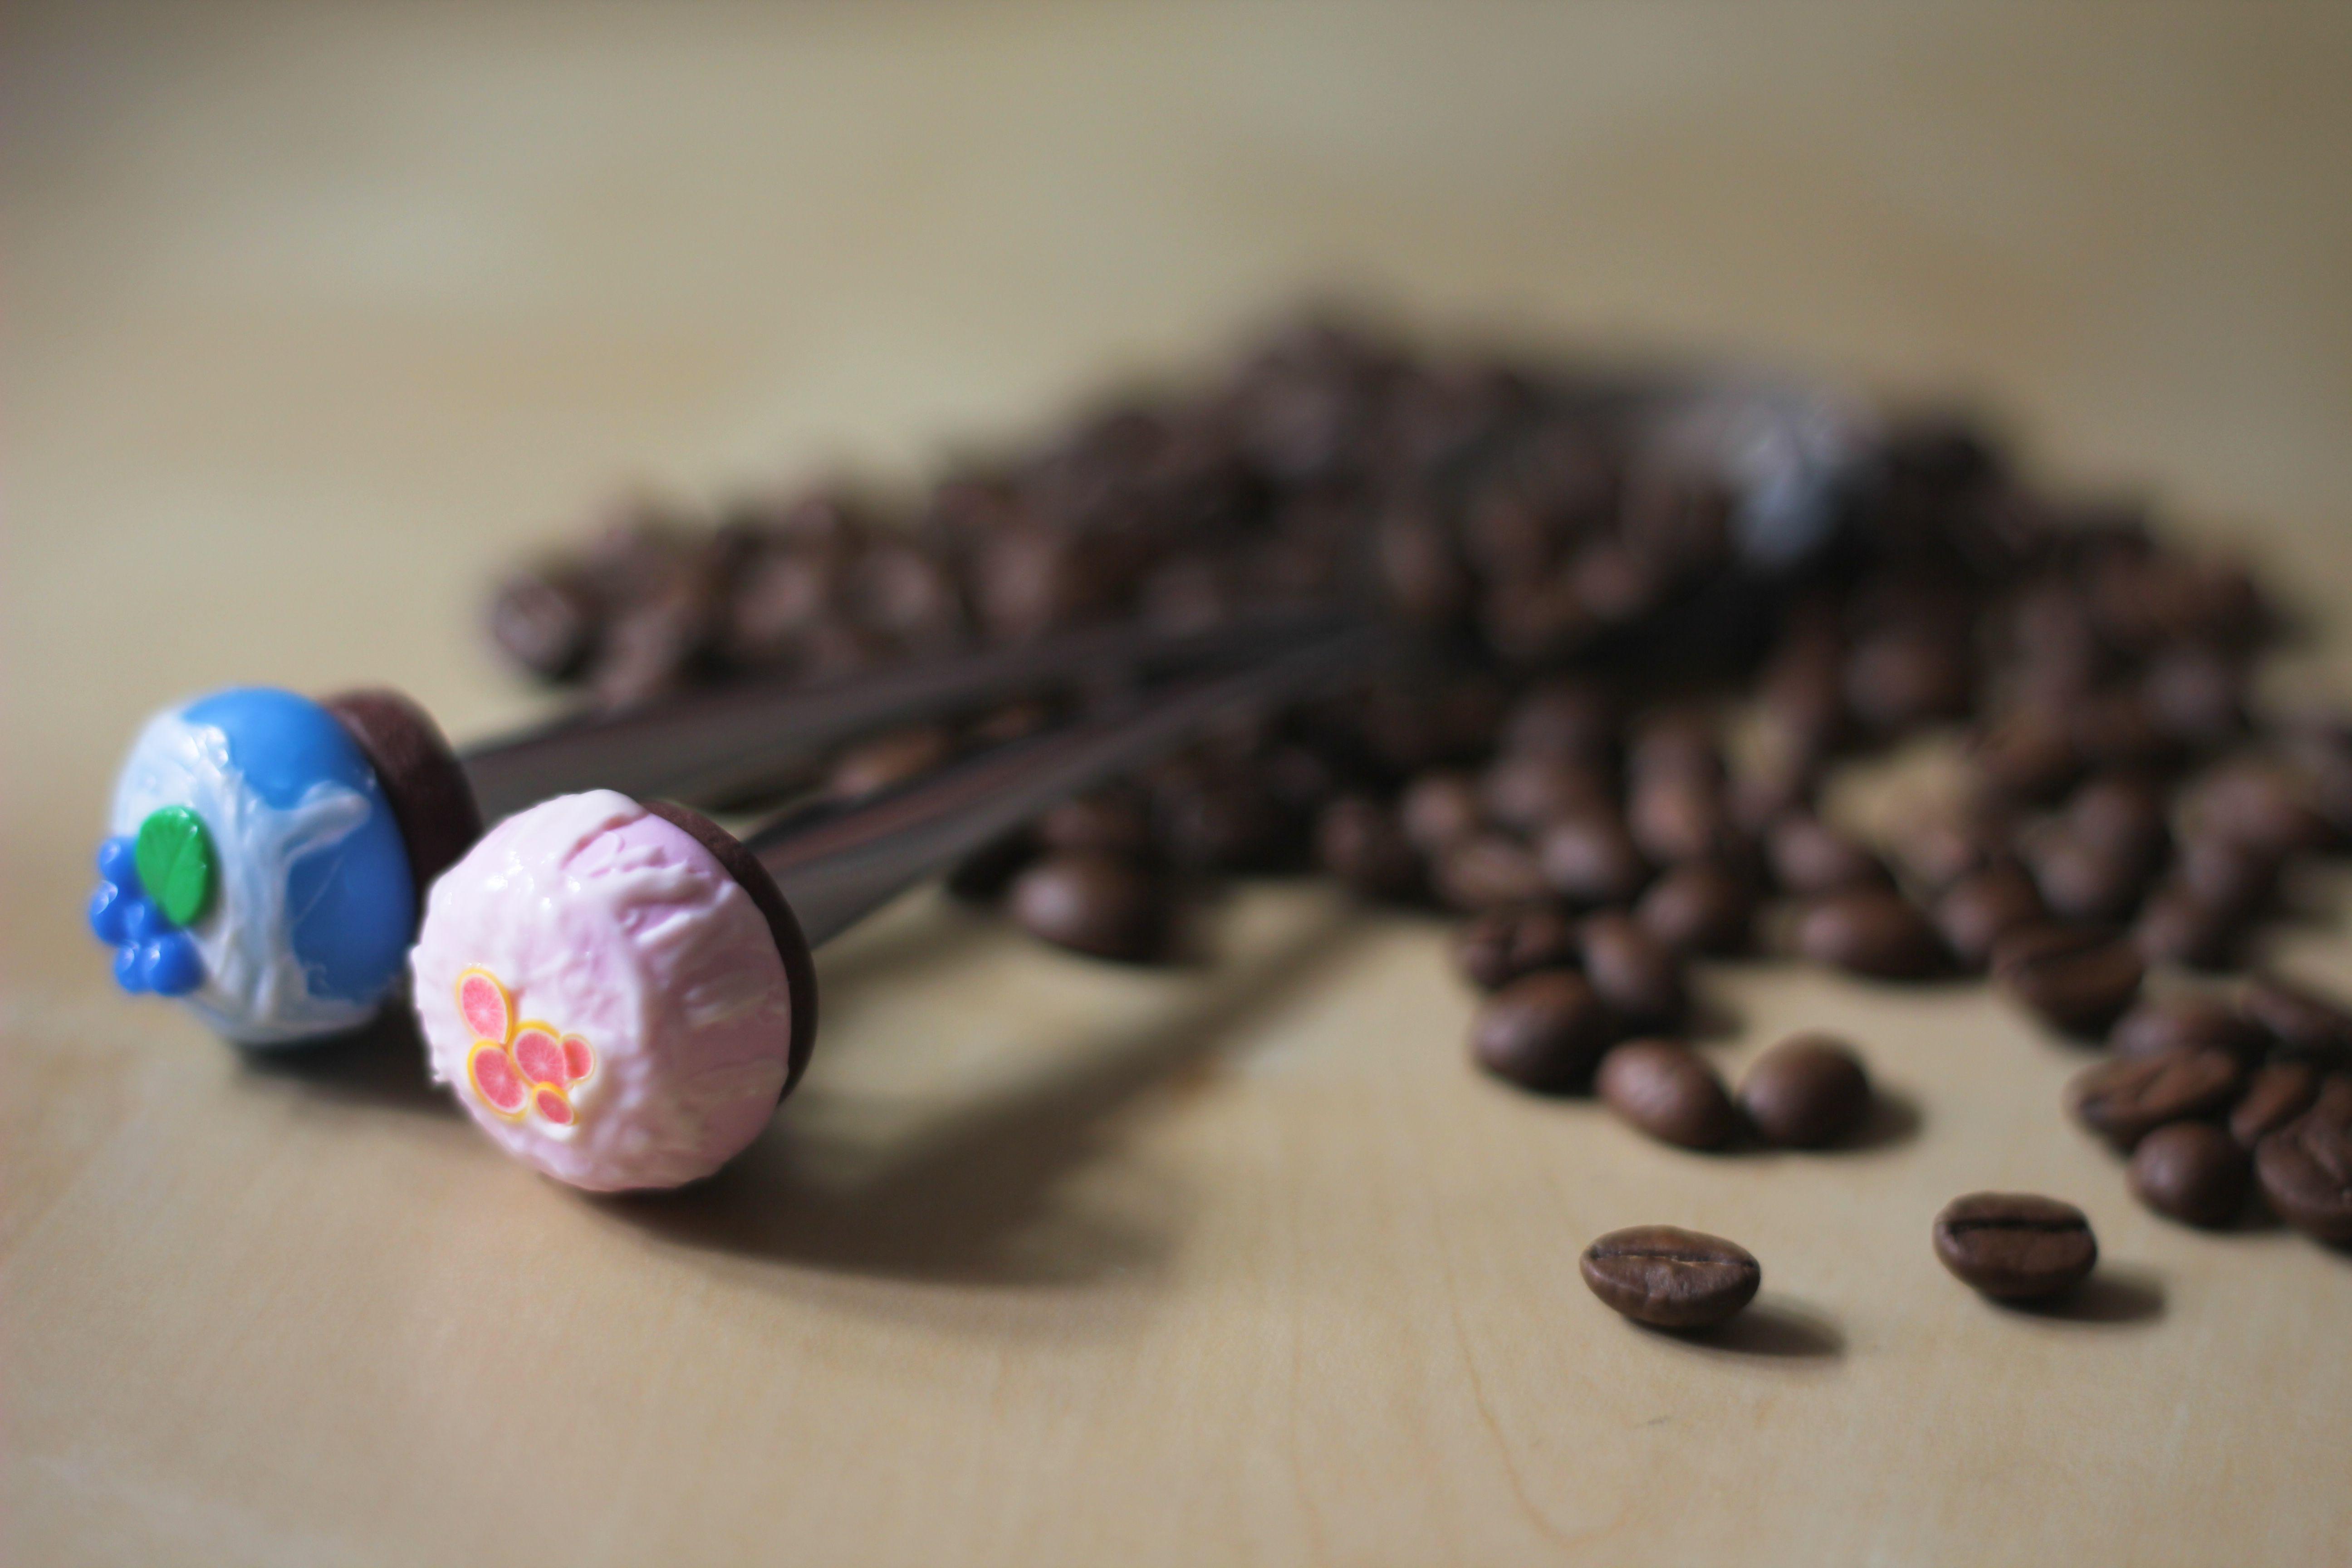 чайнаяложка десерт сладкаяложечка торт кофе хэндмейд сладости чай ложка